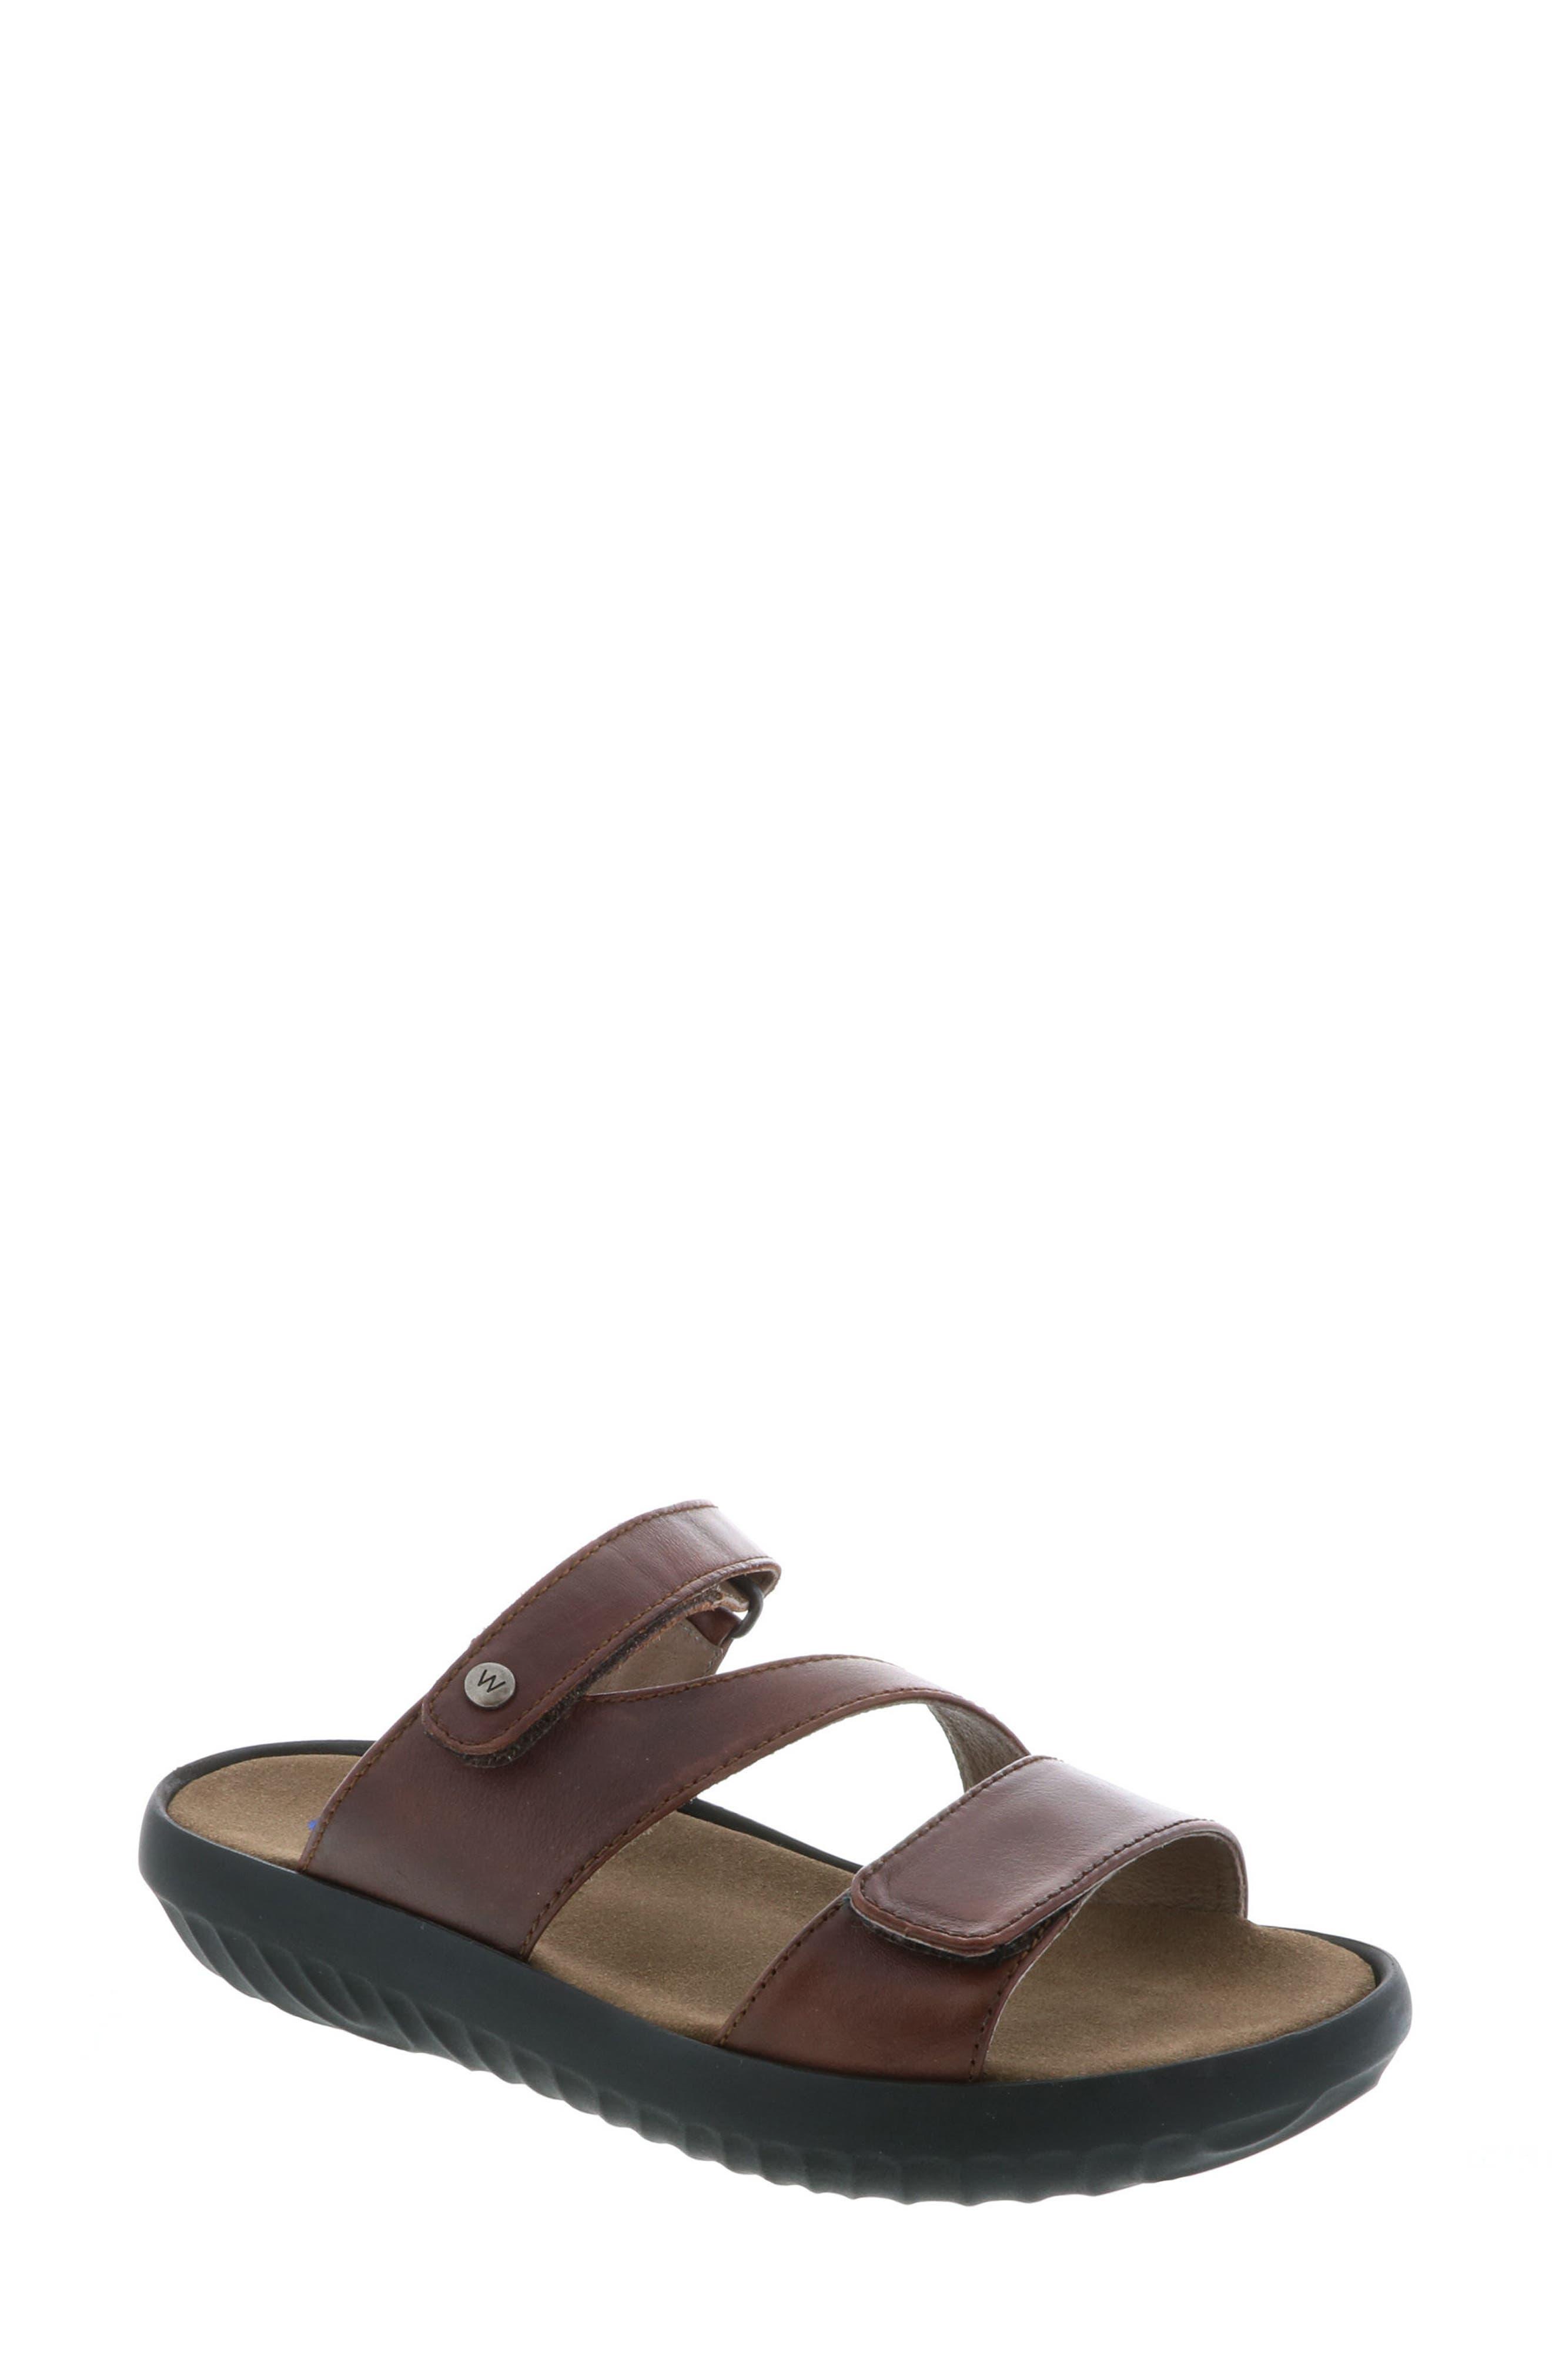 Sense Slide Sandal,                         Main,                         color, Cognac